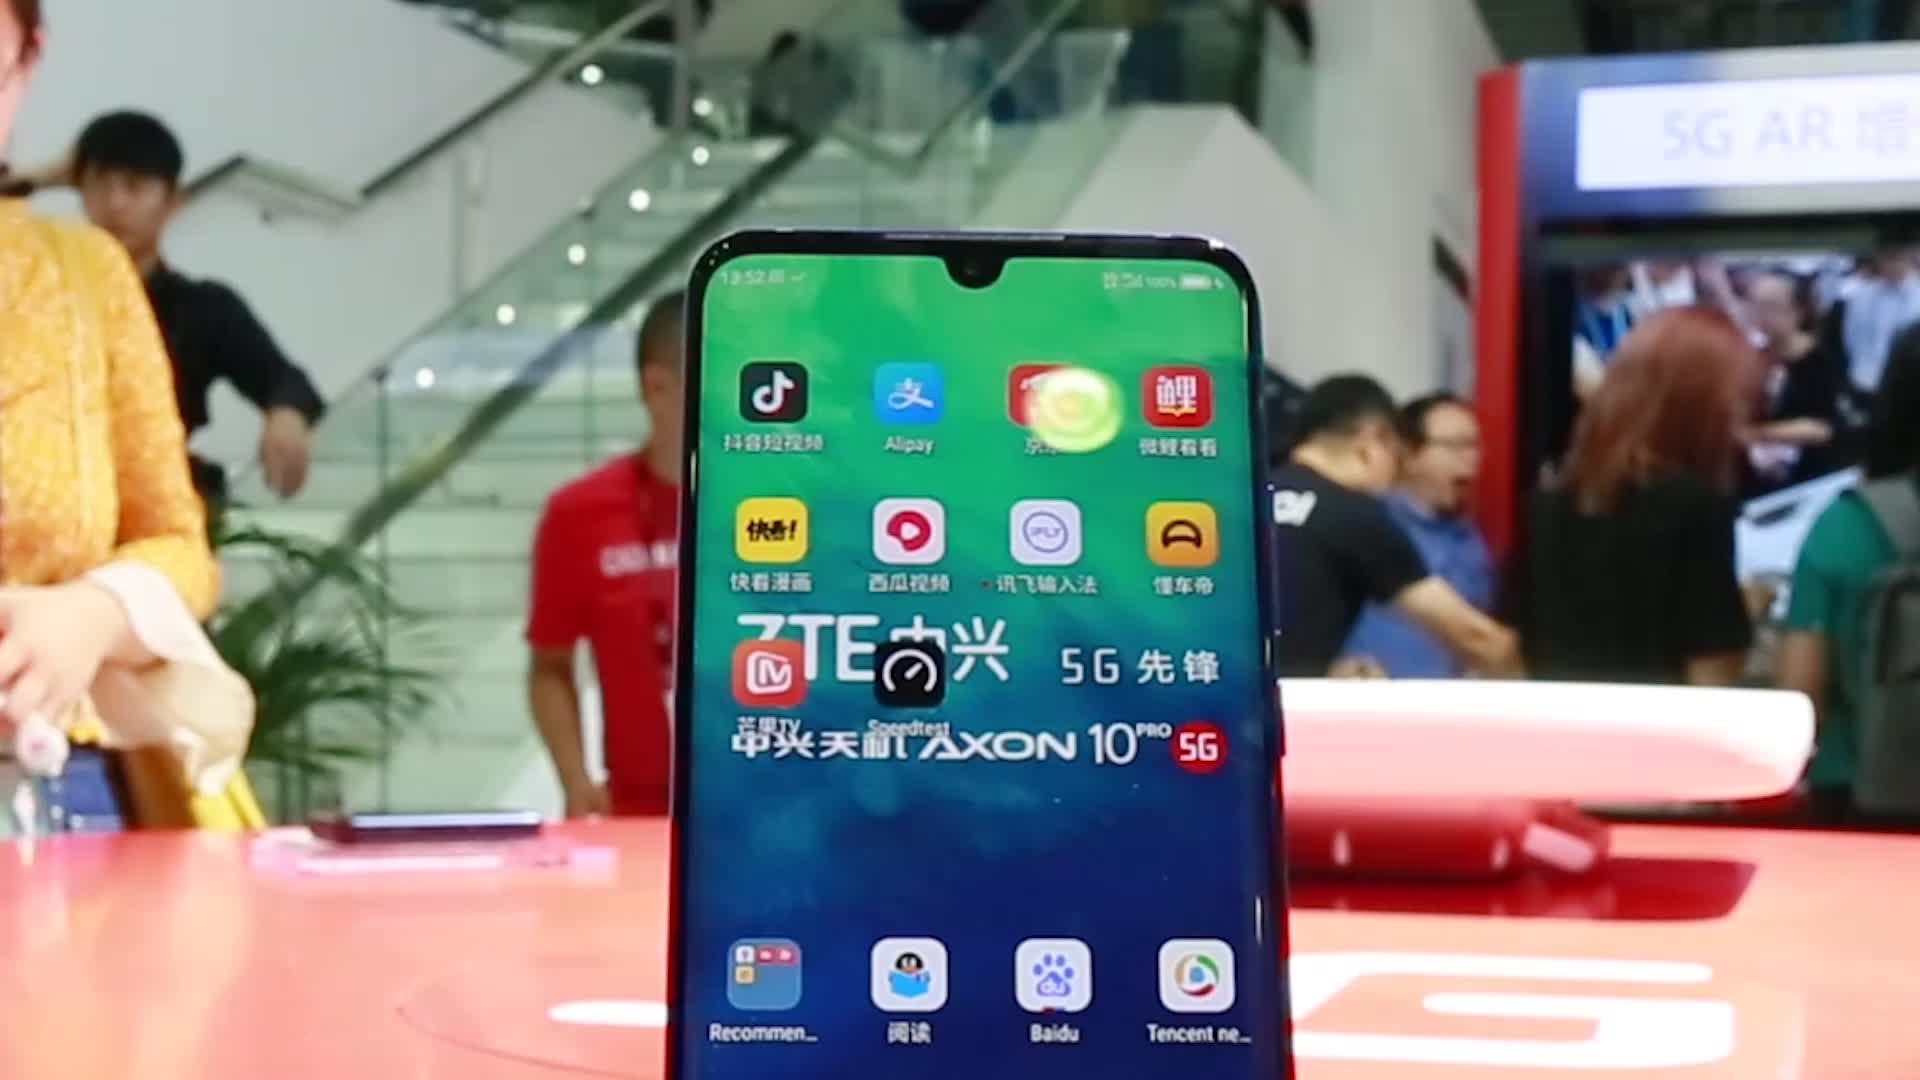 首款5G旗舰手机亮相MWC19 揭秘中兴5G新进展